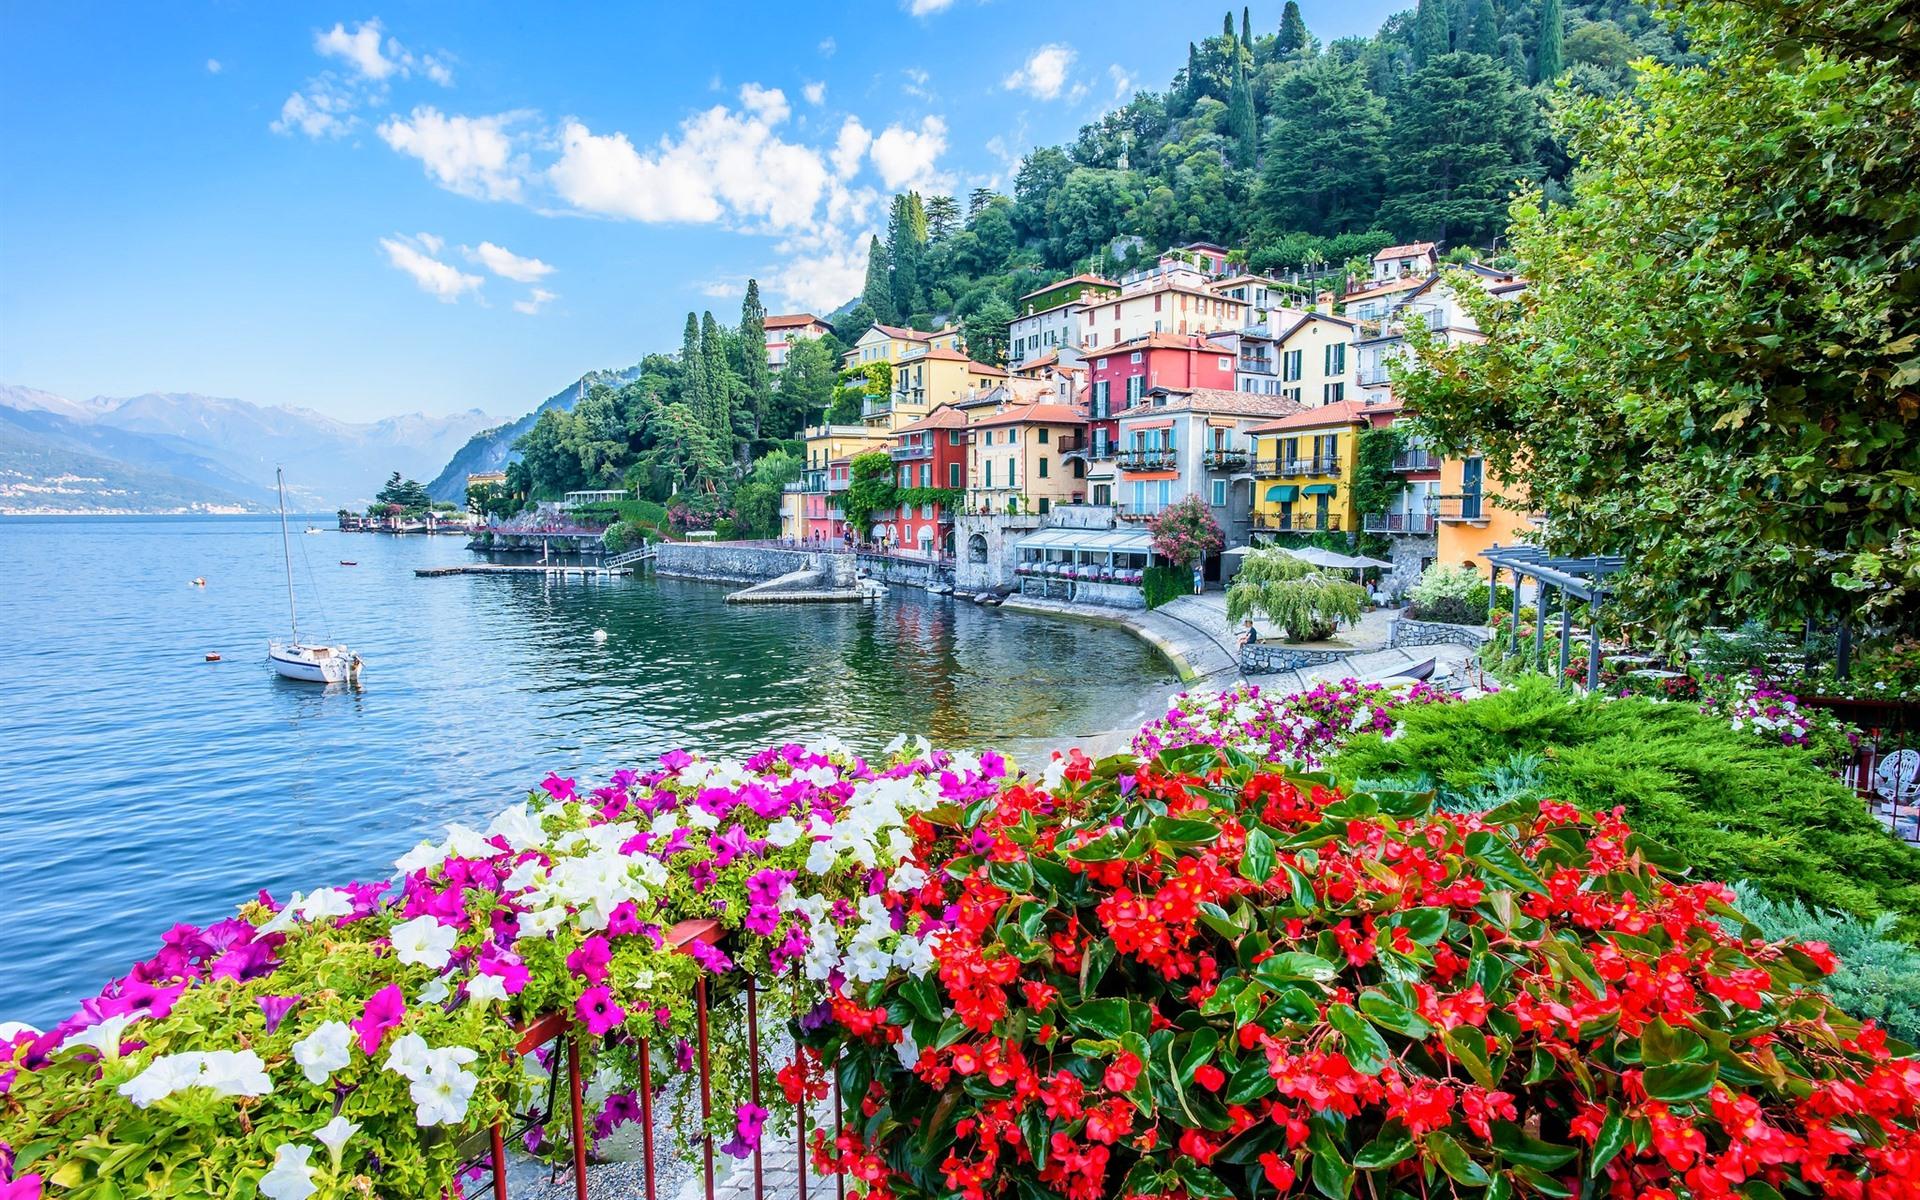 картинки весенняя природа средиземноморье его помощью